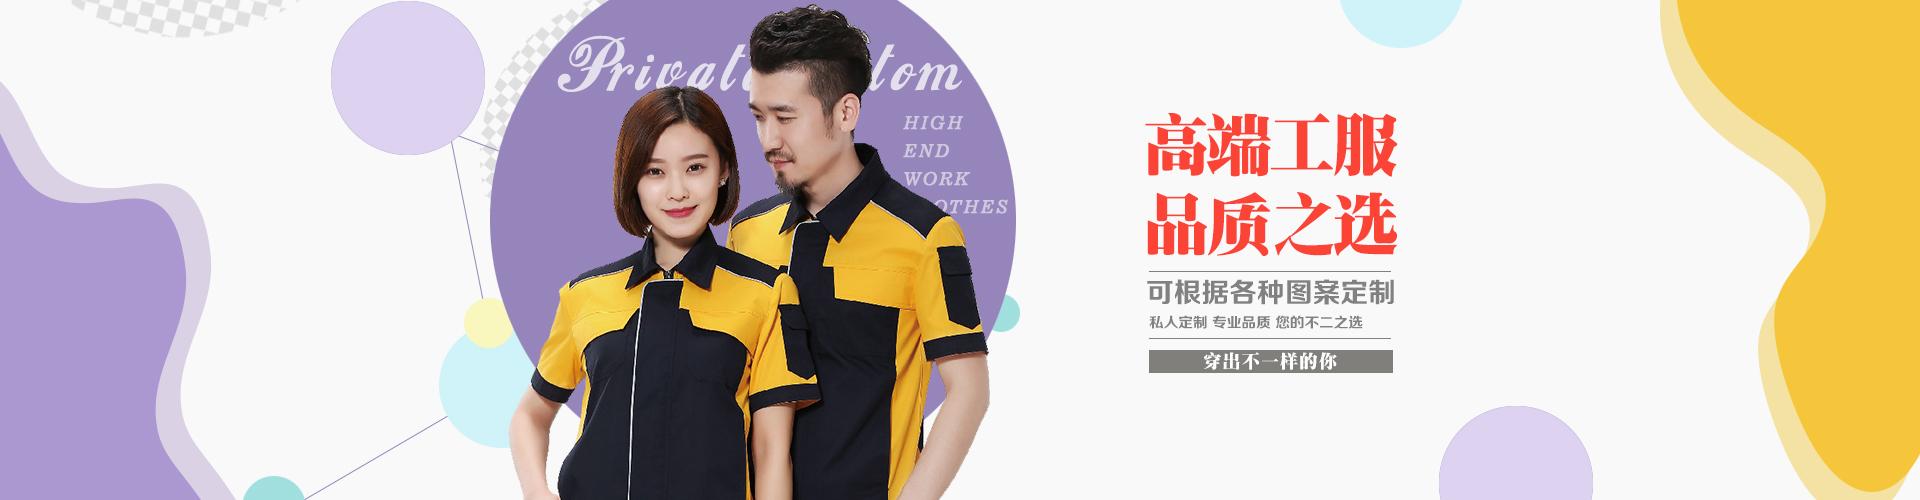 广西厂服,广西T恤衫,广西文化衫